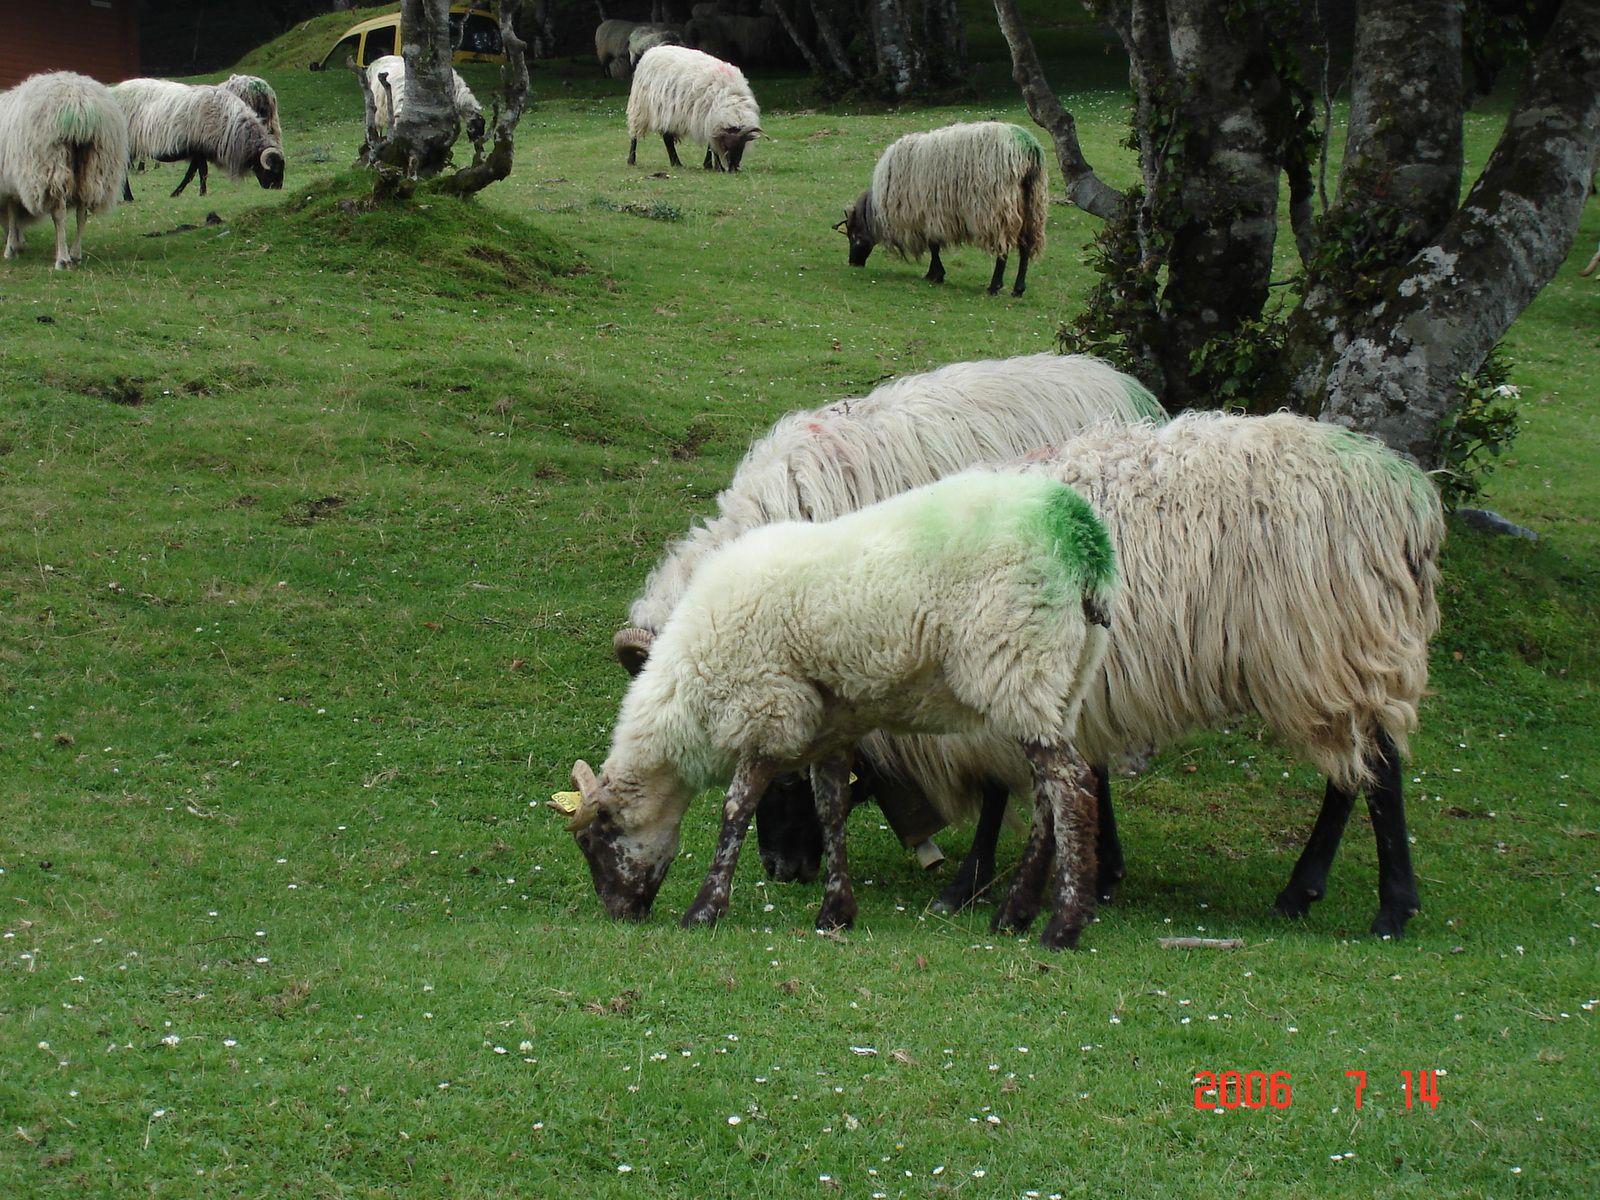 Basés pour le week-end aux châlets d'Iraty, nous avons le plaisir d'ytrouver les troupeaux de moutons.